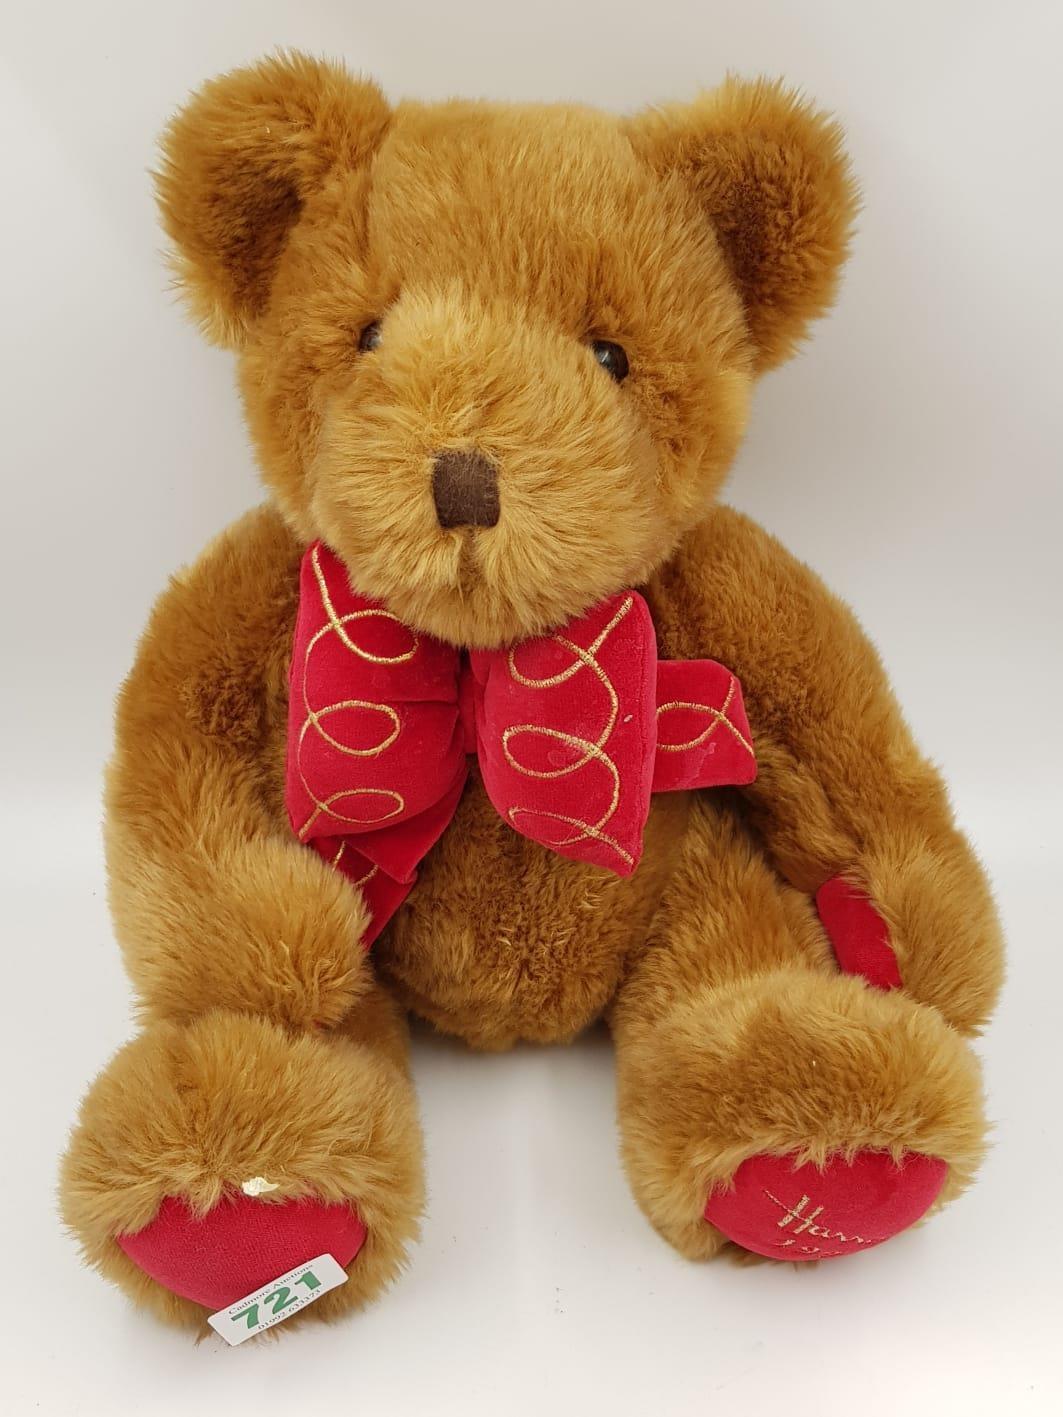 A 1997 Harrods teddy bear. 35cm high.